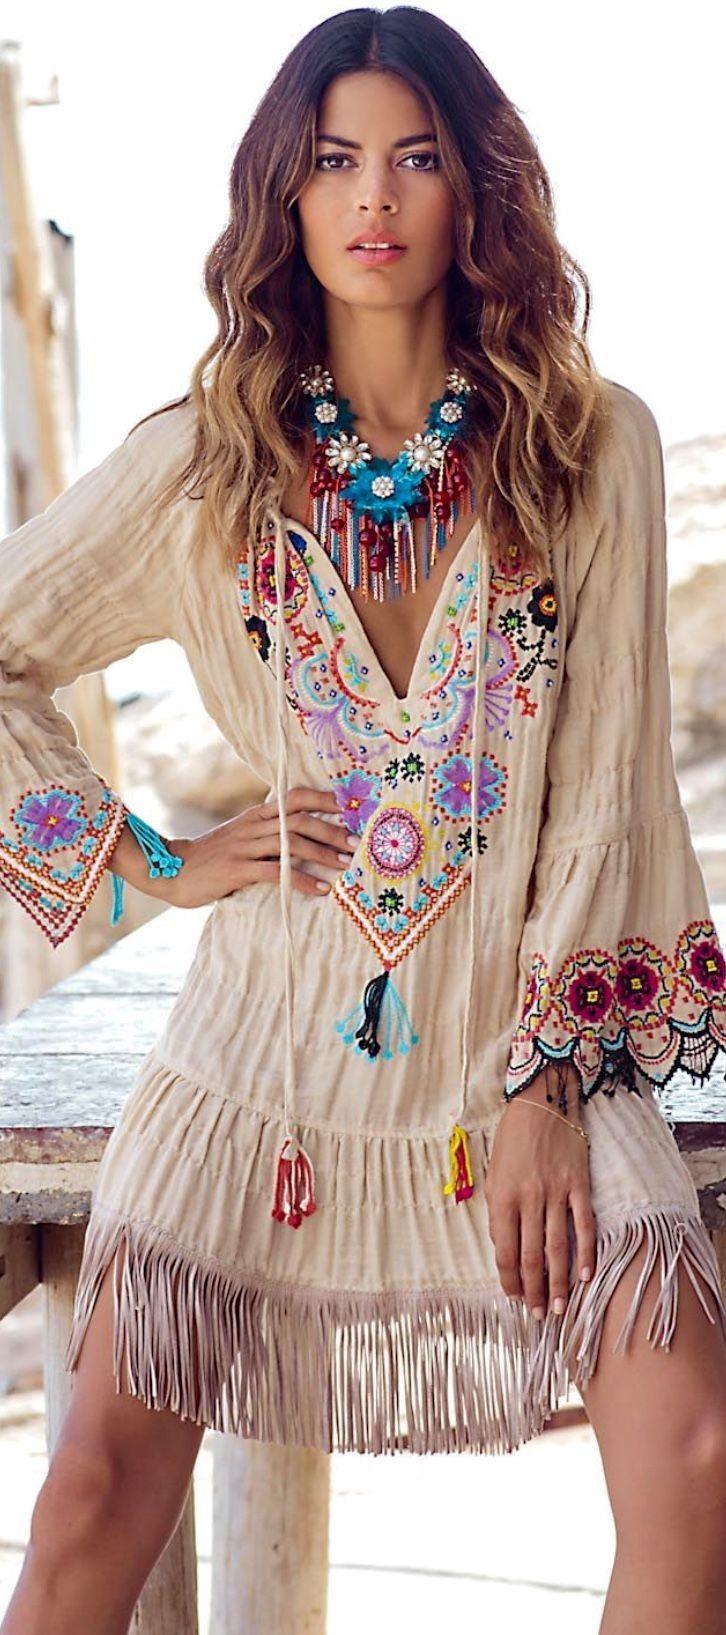 #boho #fashion #spring #outfitideas   Indie boho embellished fringe dress Source